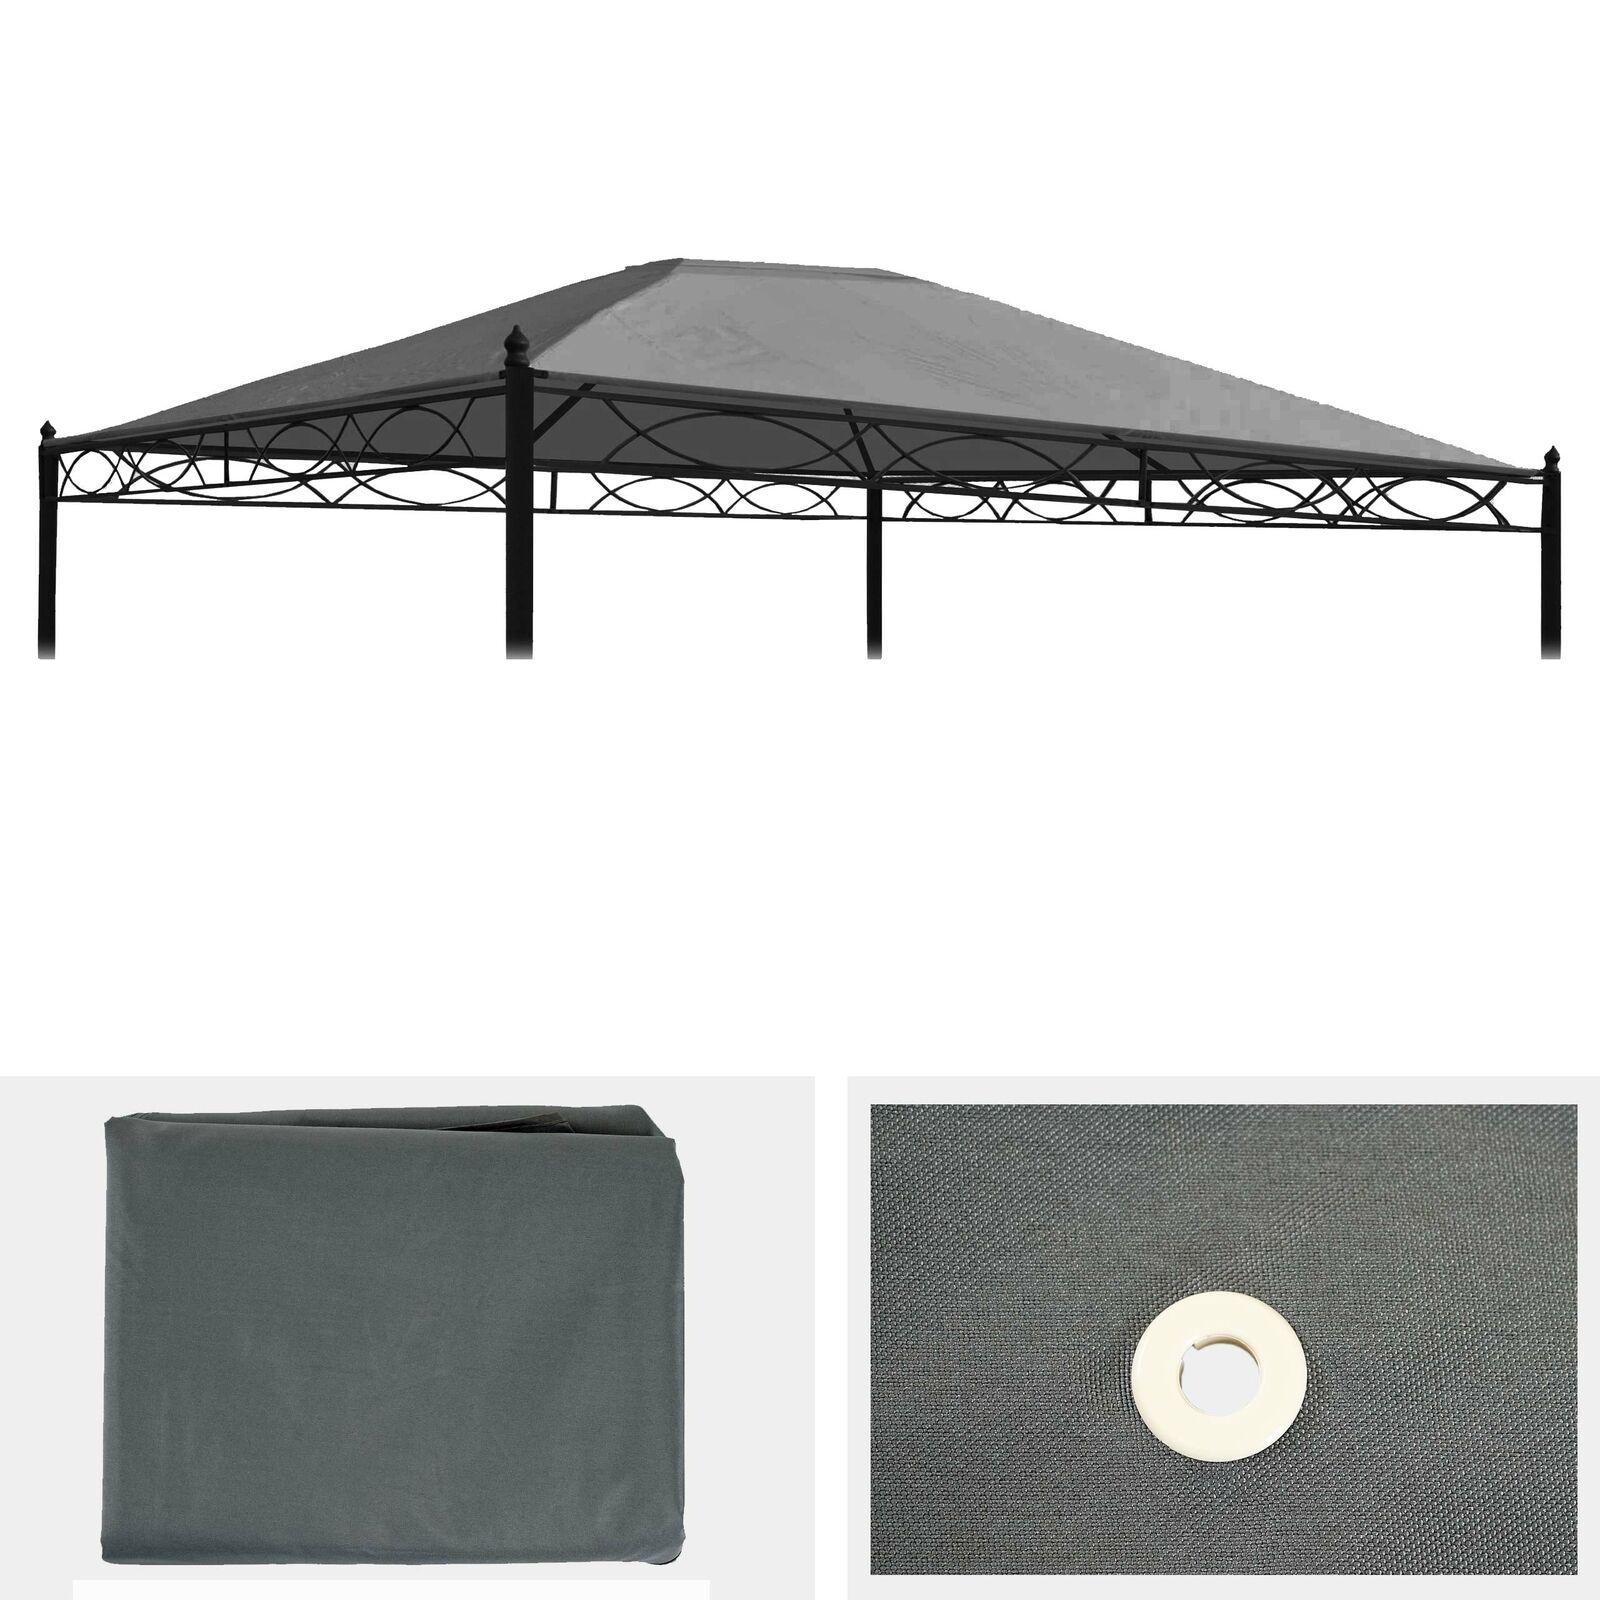 Referencia de repuesto para techo pérgola Cochepa Calpe 4x3m, gris